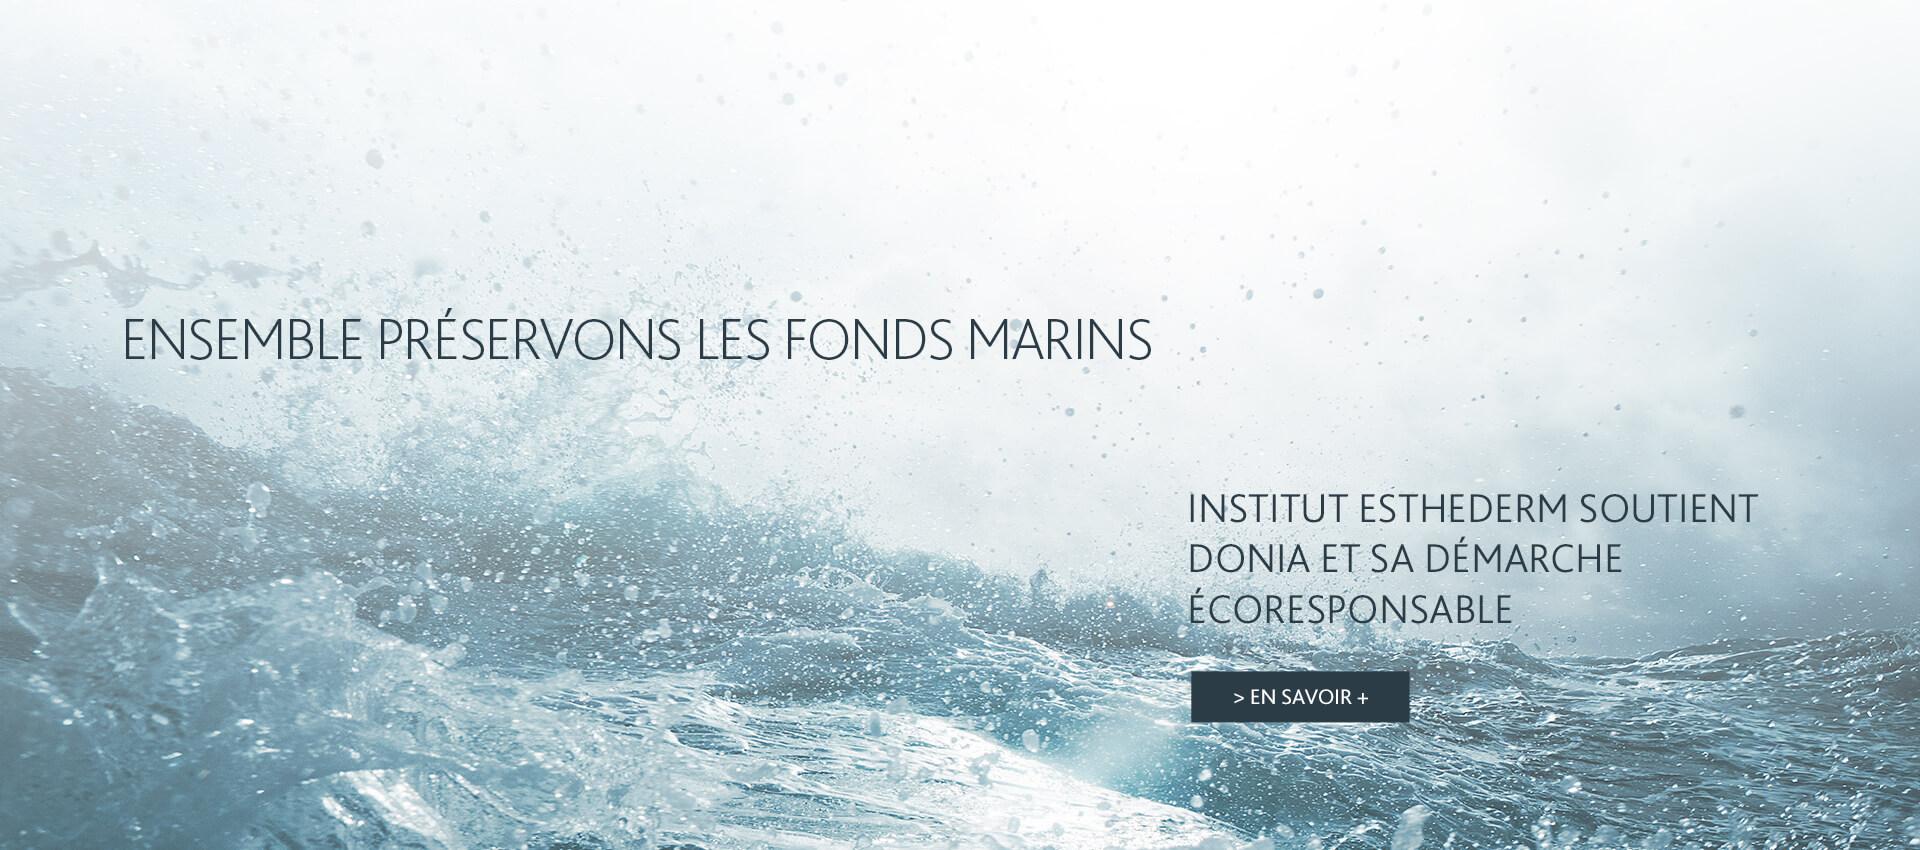 Ensemble, préservons les fonds marins